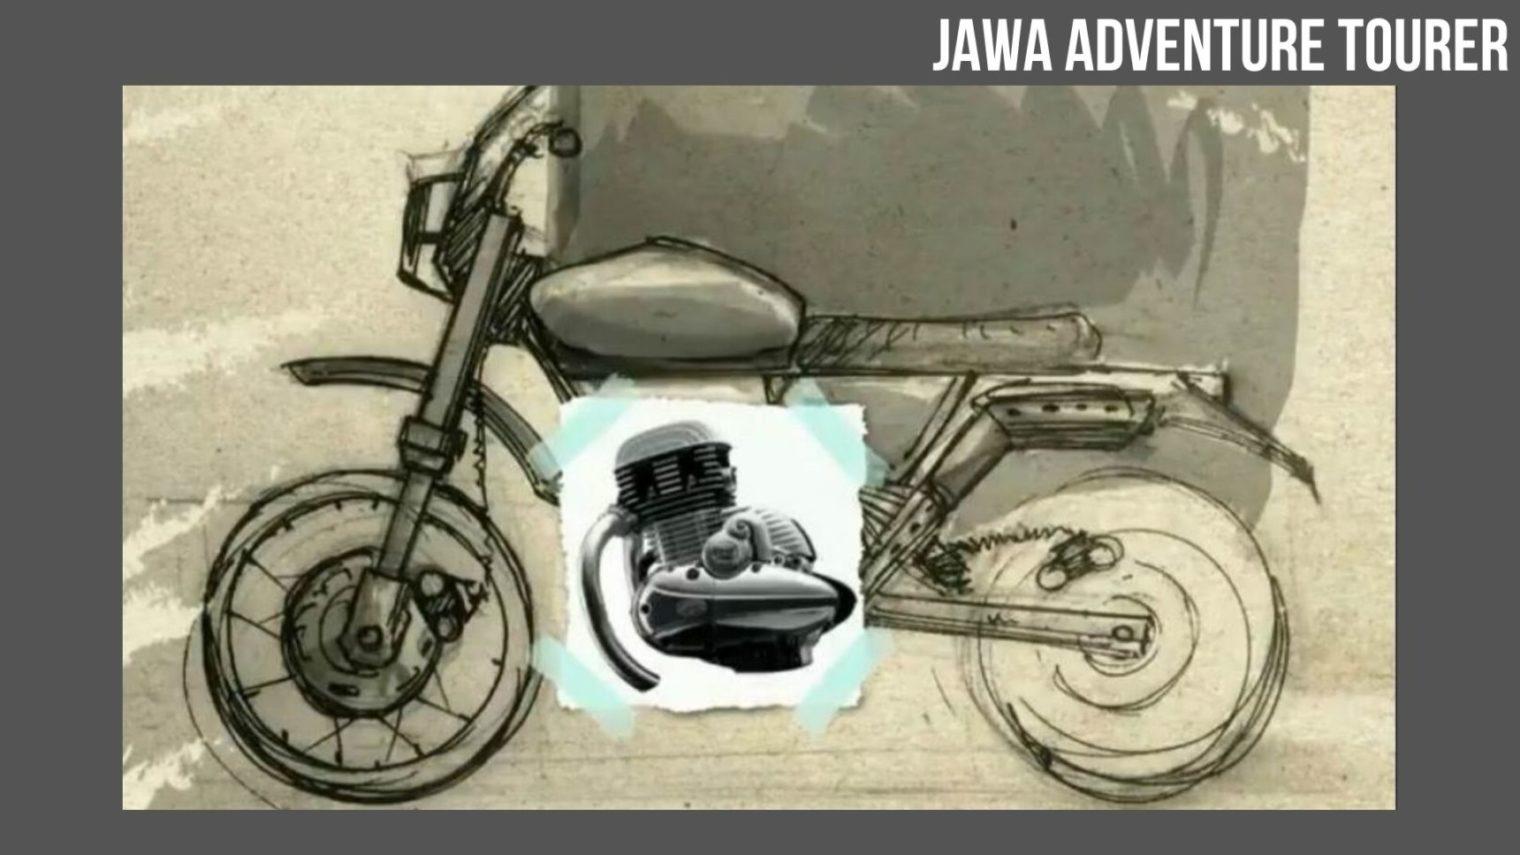 jawa adventure tourer (1)